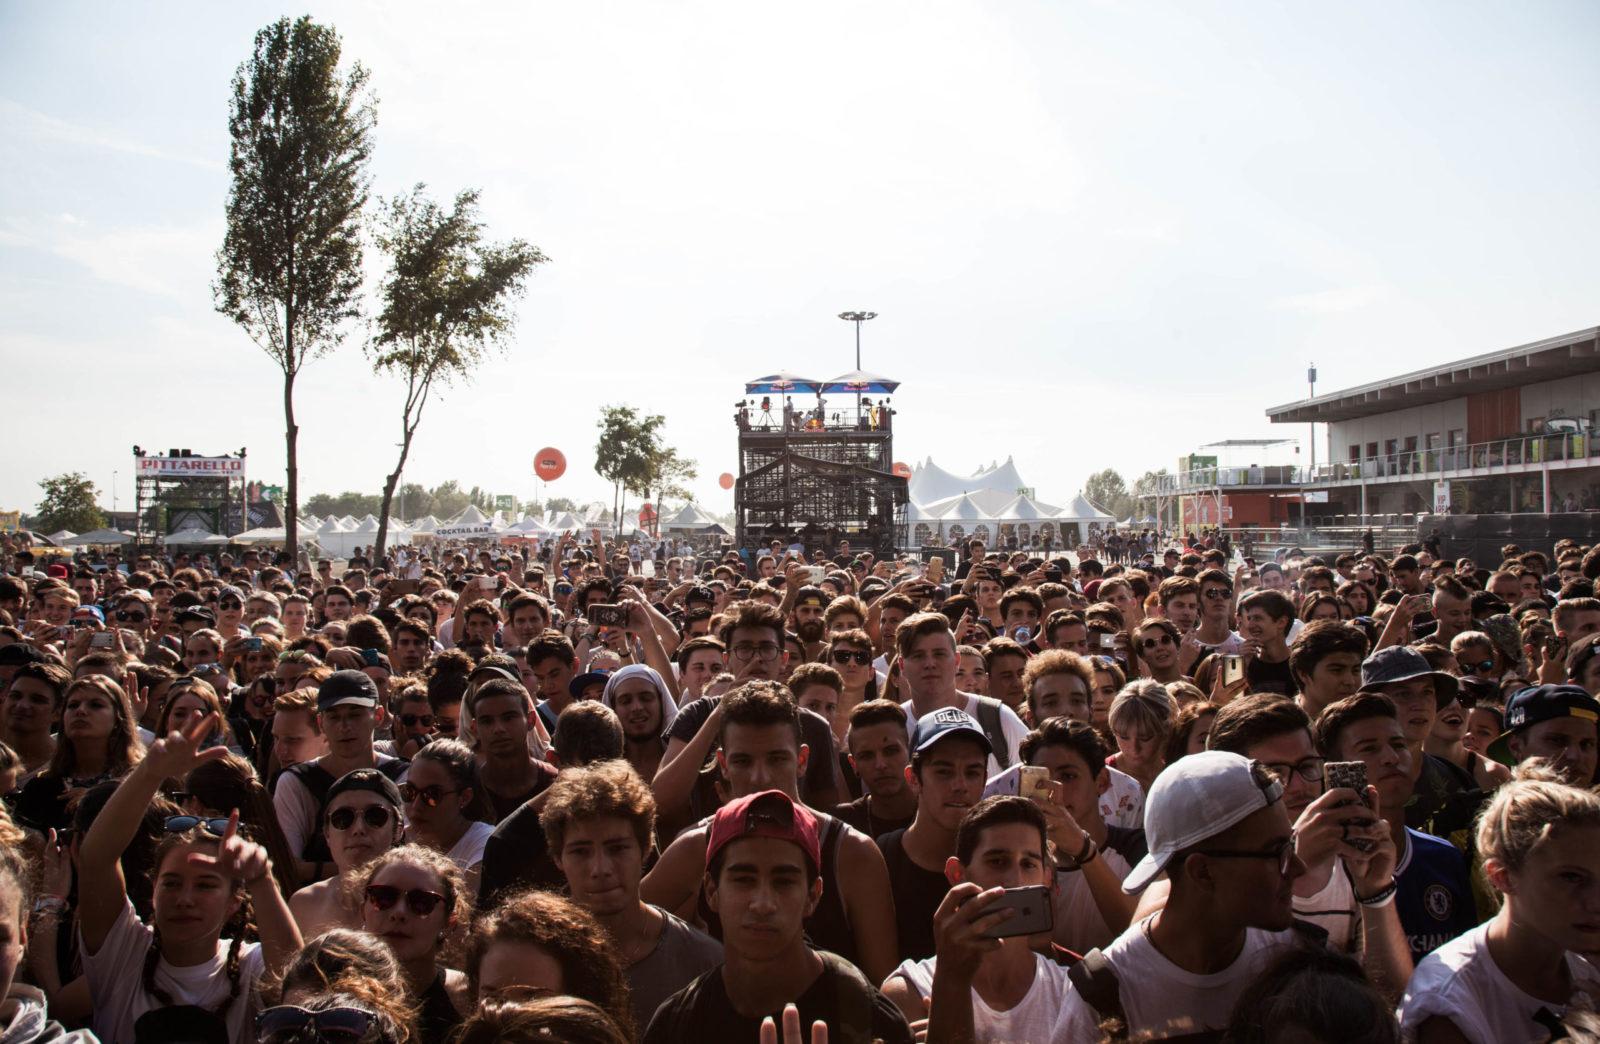 Cosa pensa, cosa crede chi porta 88.000 persone ad un festival musicale